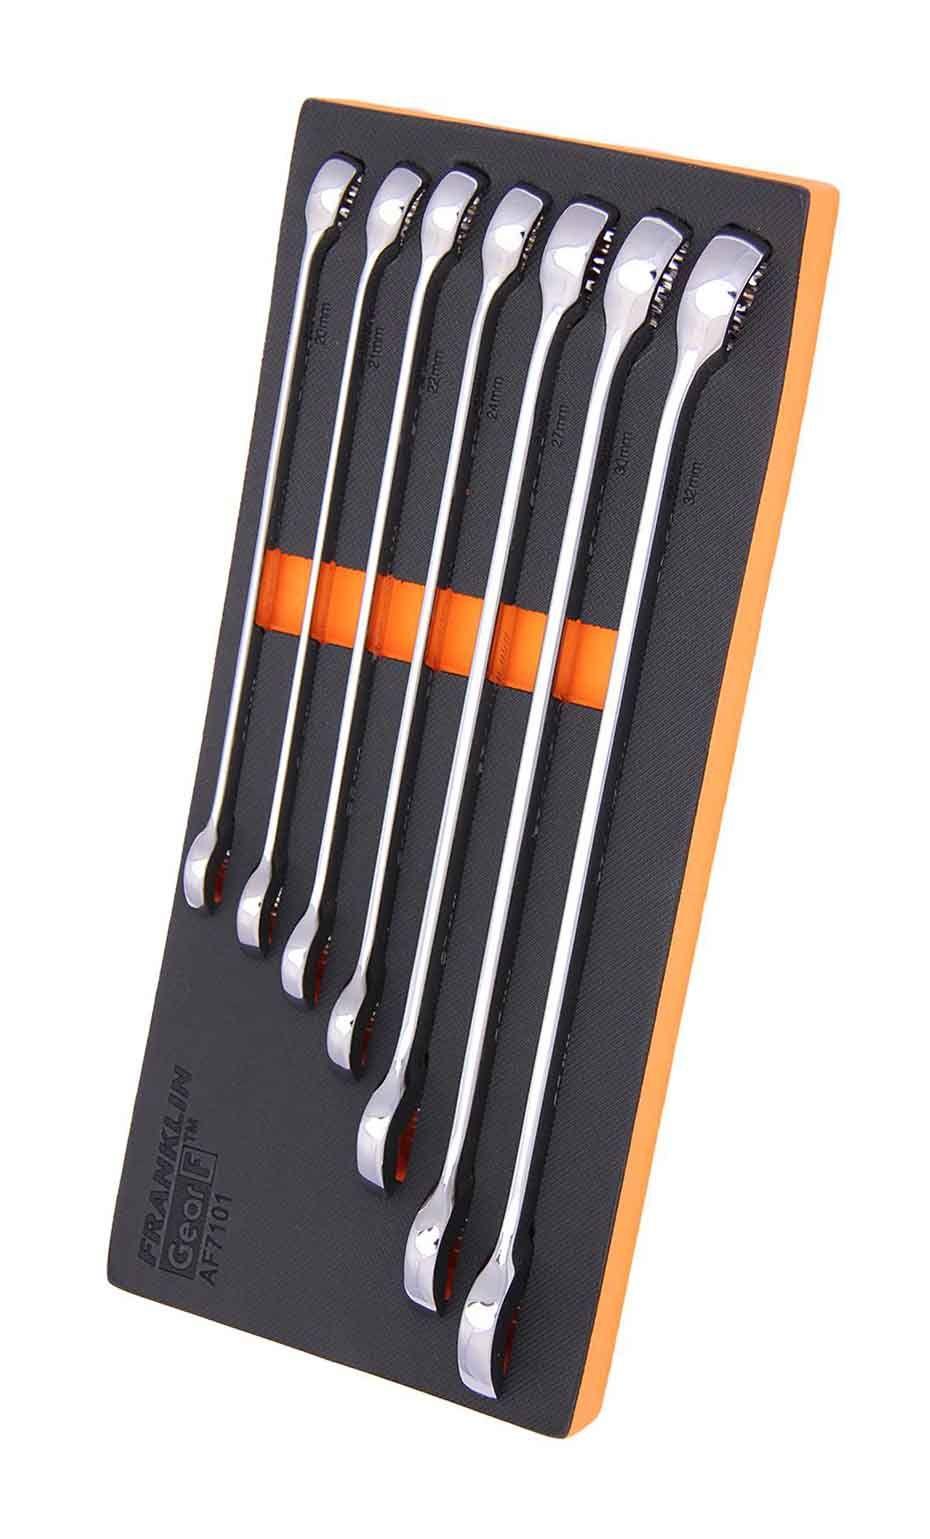 Franklin GearF Grip 4+ 7 Piece 12 Point XL Combination Spanner Set